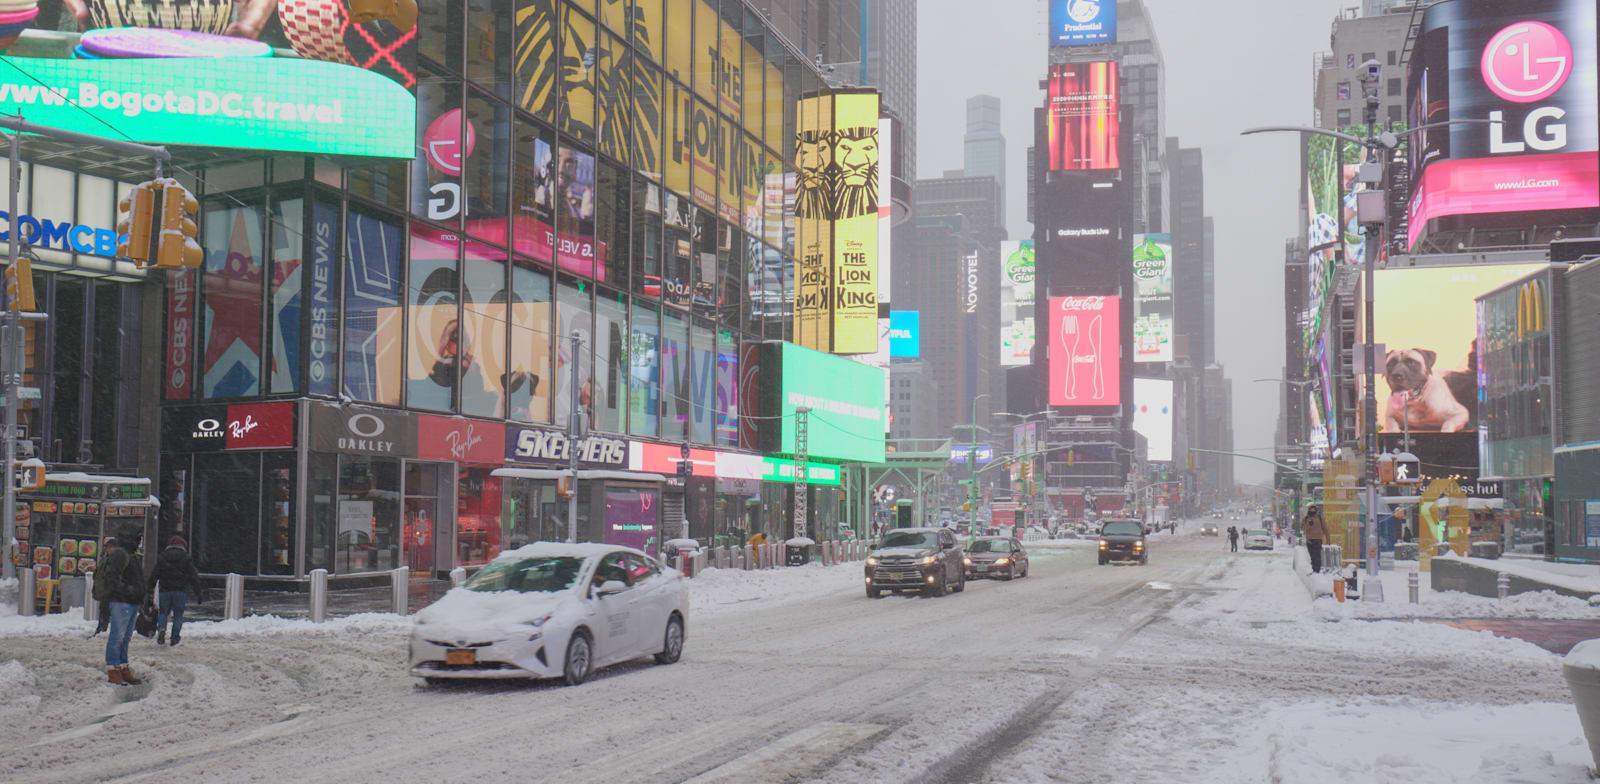 מנהטן. מתחילת דצמבר עלה מספר המבקשים לשכור חלל משרדי בעיר / צילום: Shutterstock